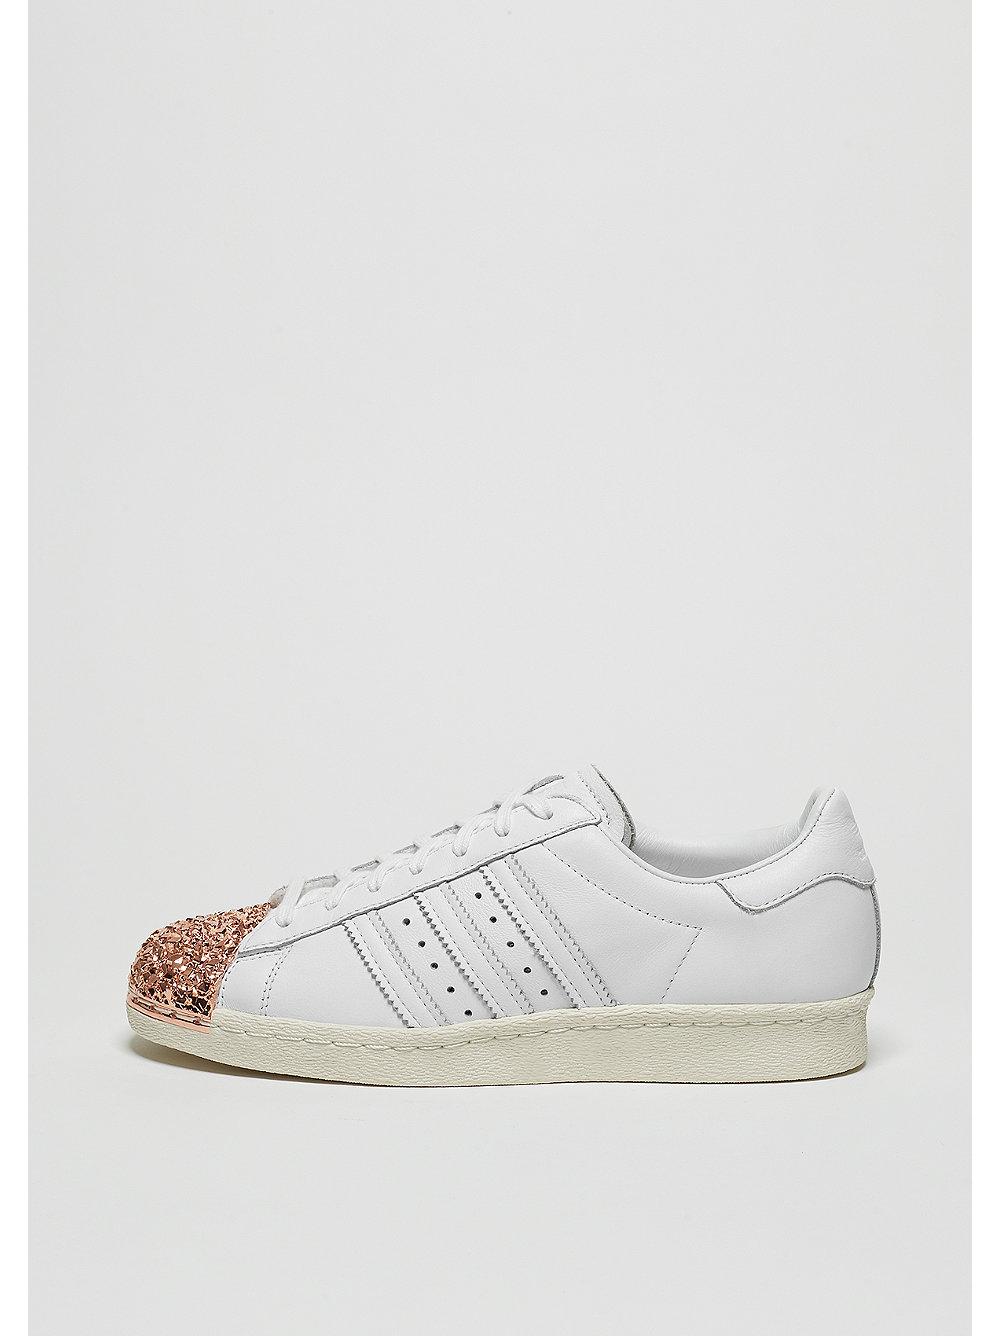 adidas Superstar 80s 3D MT white